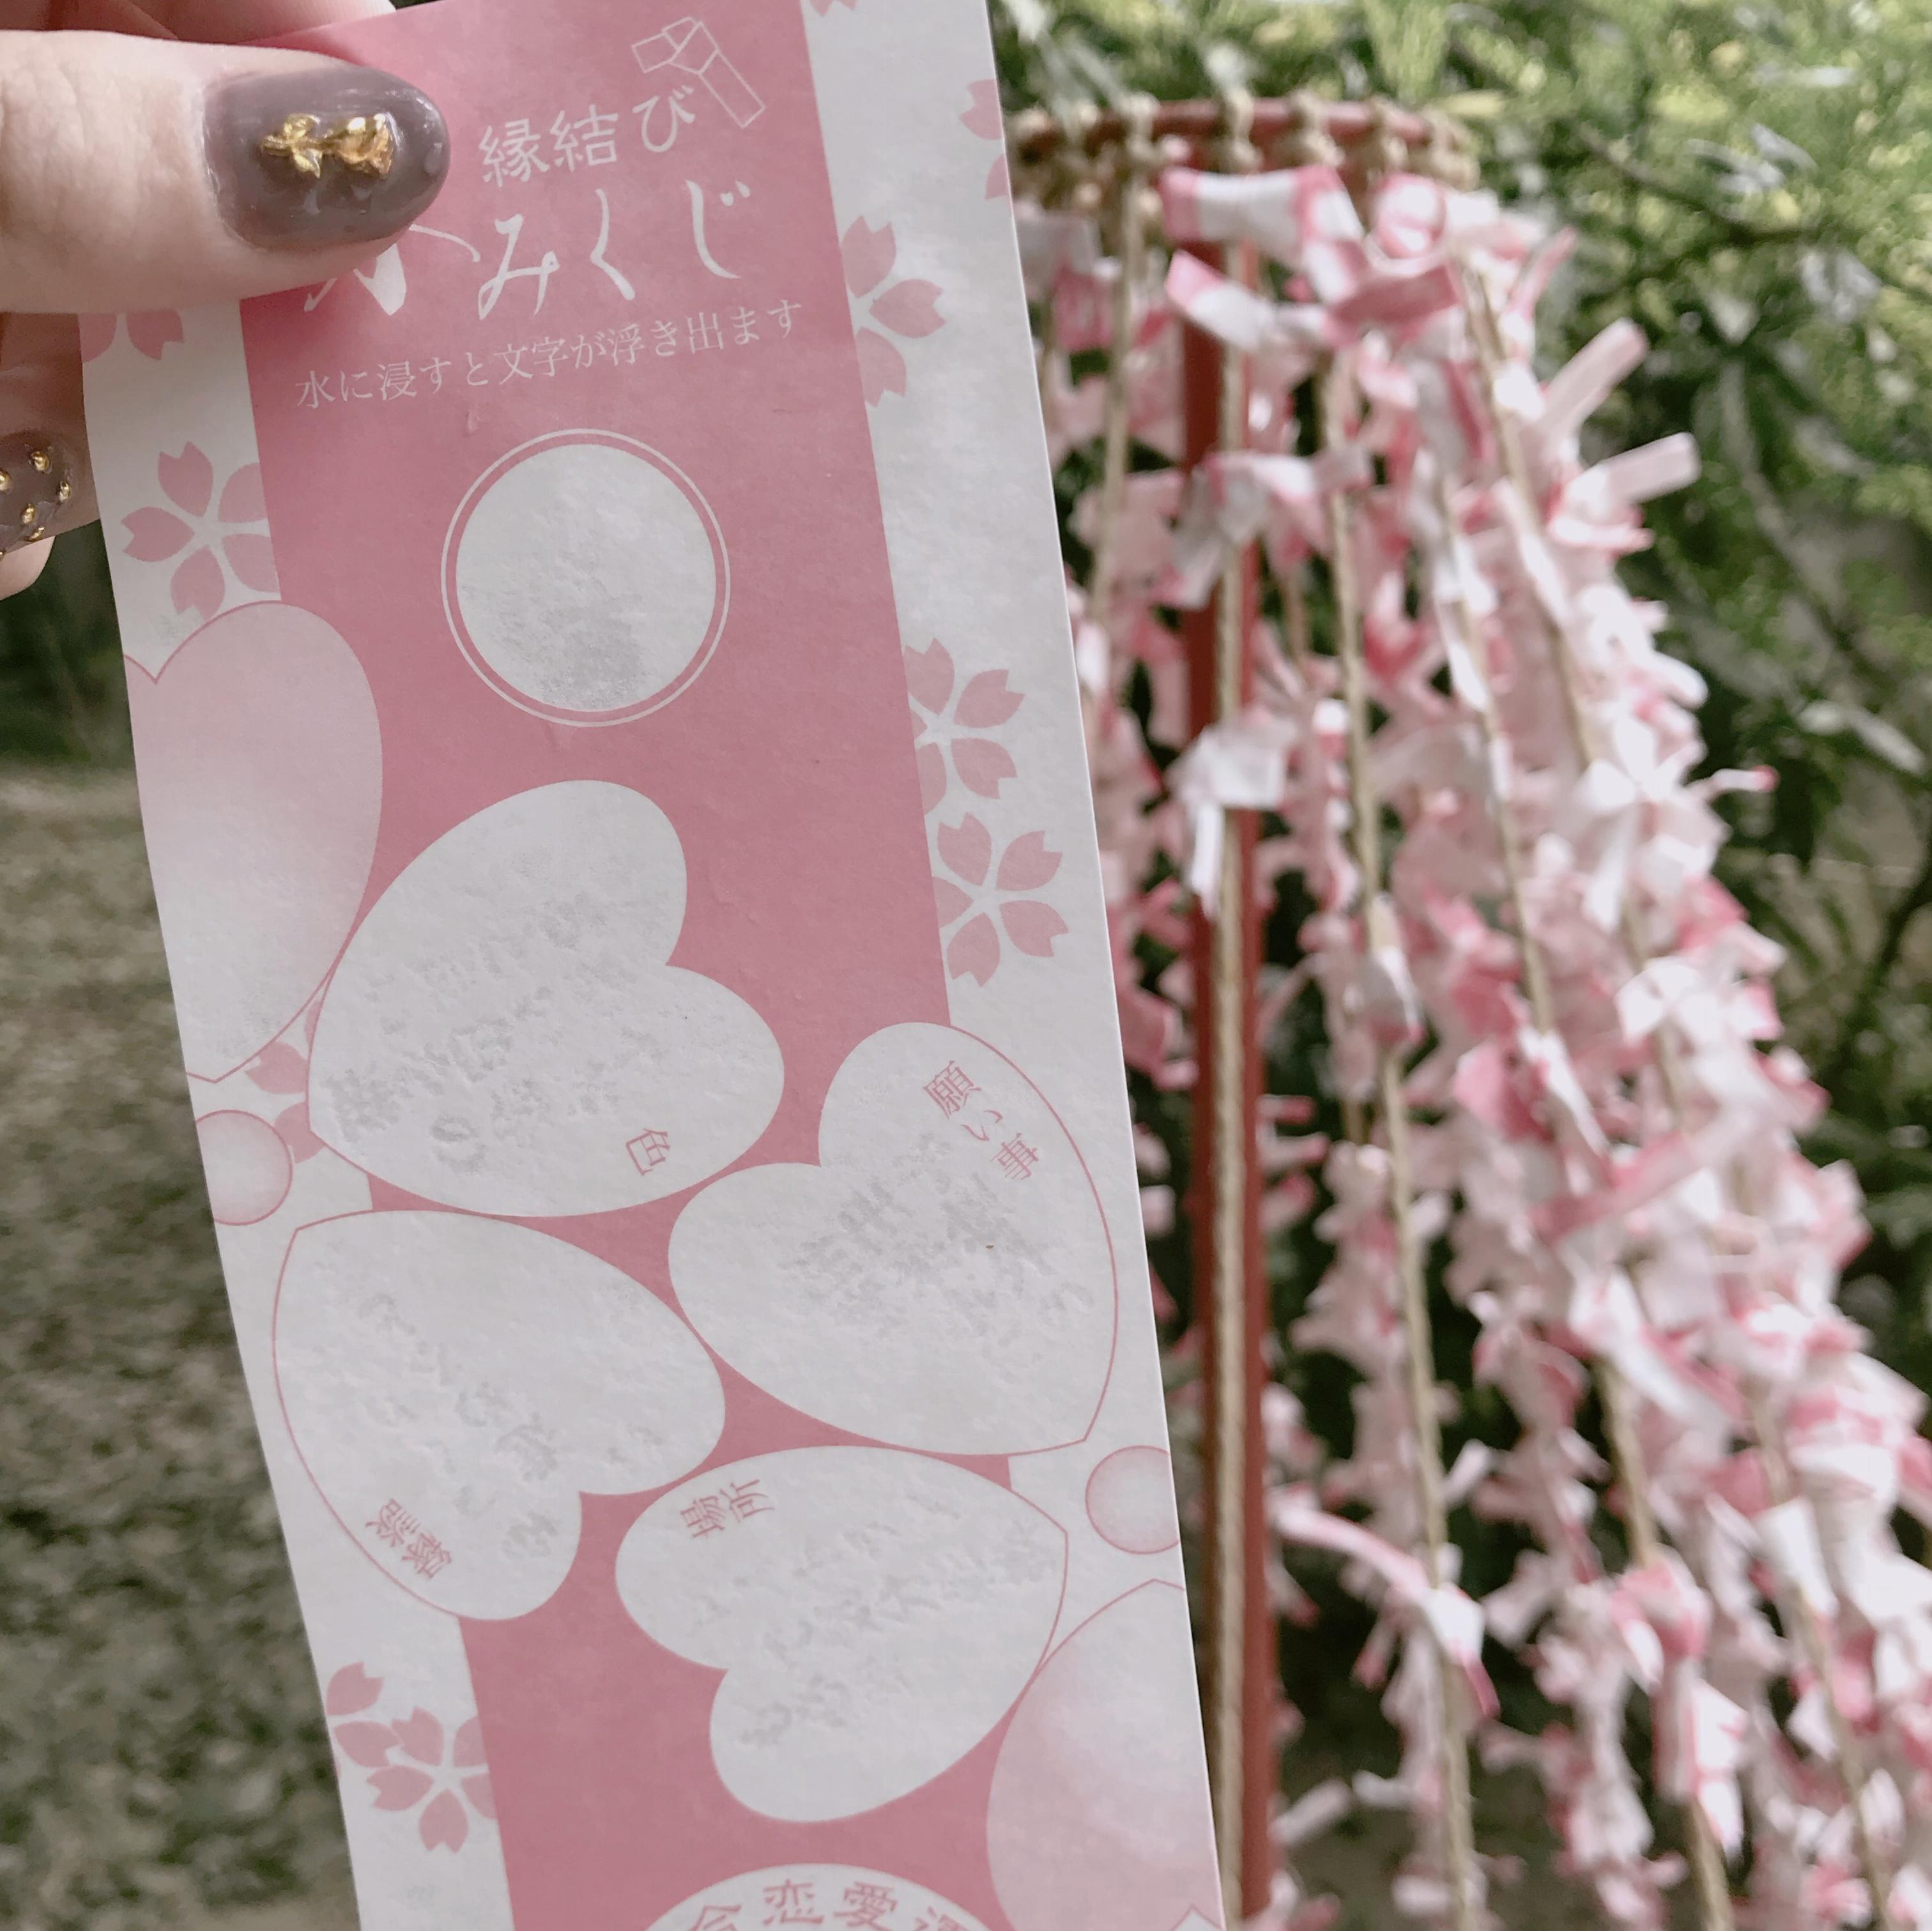 神戸の生田神社といえば縁結び❤︎新感覚【水みくじ】ができちゃうんです!_6